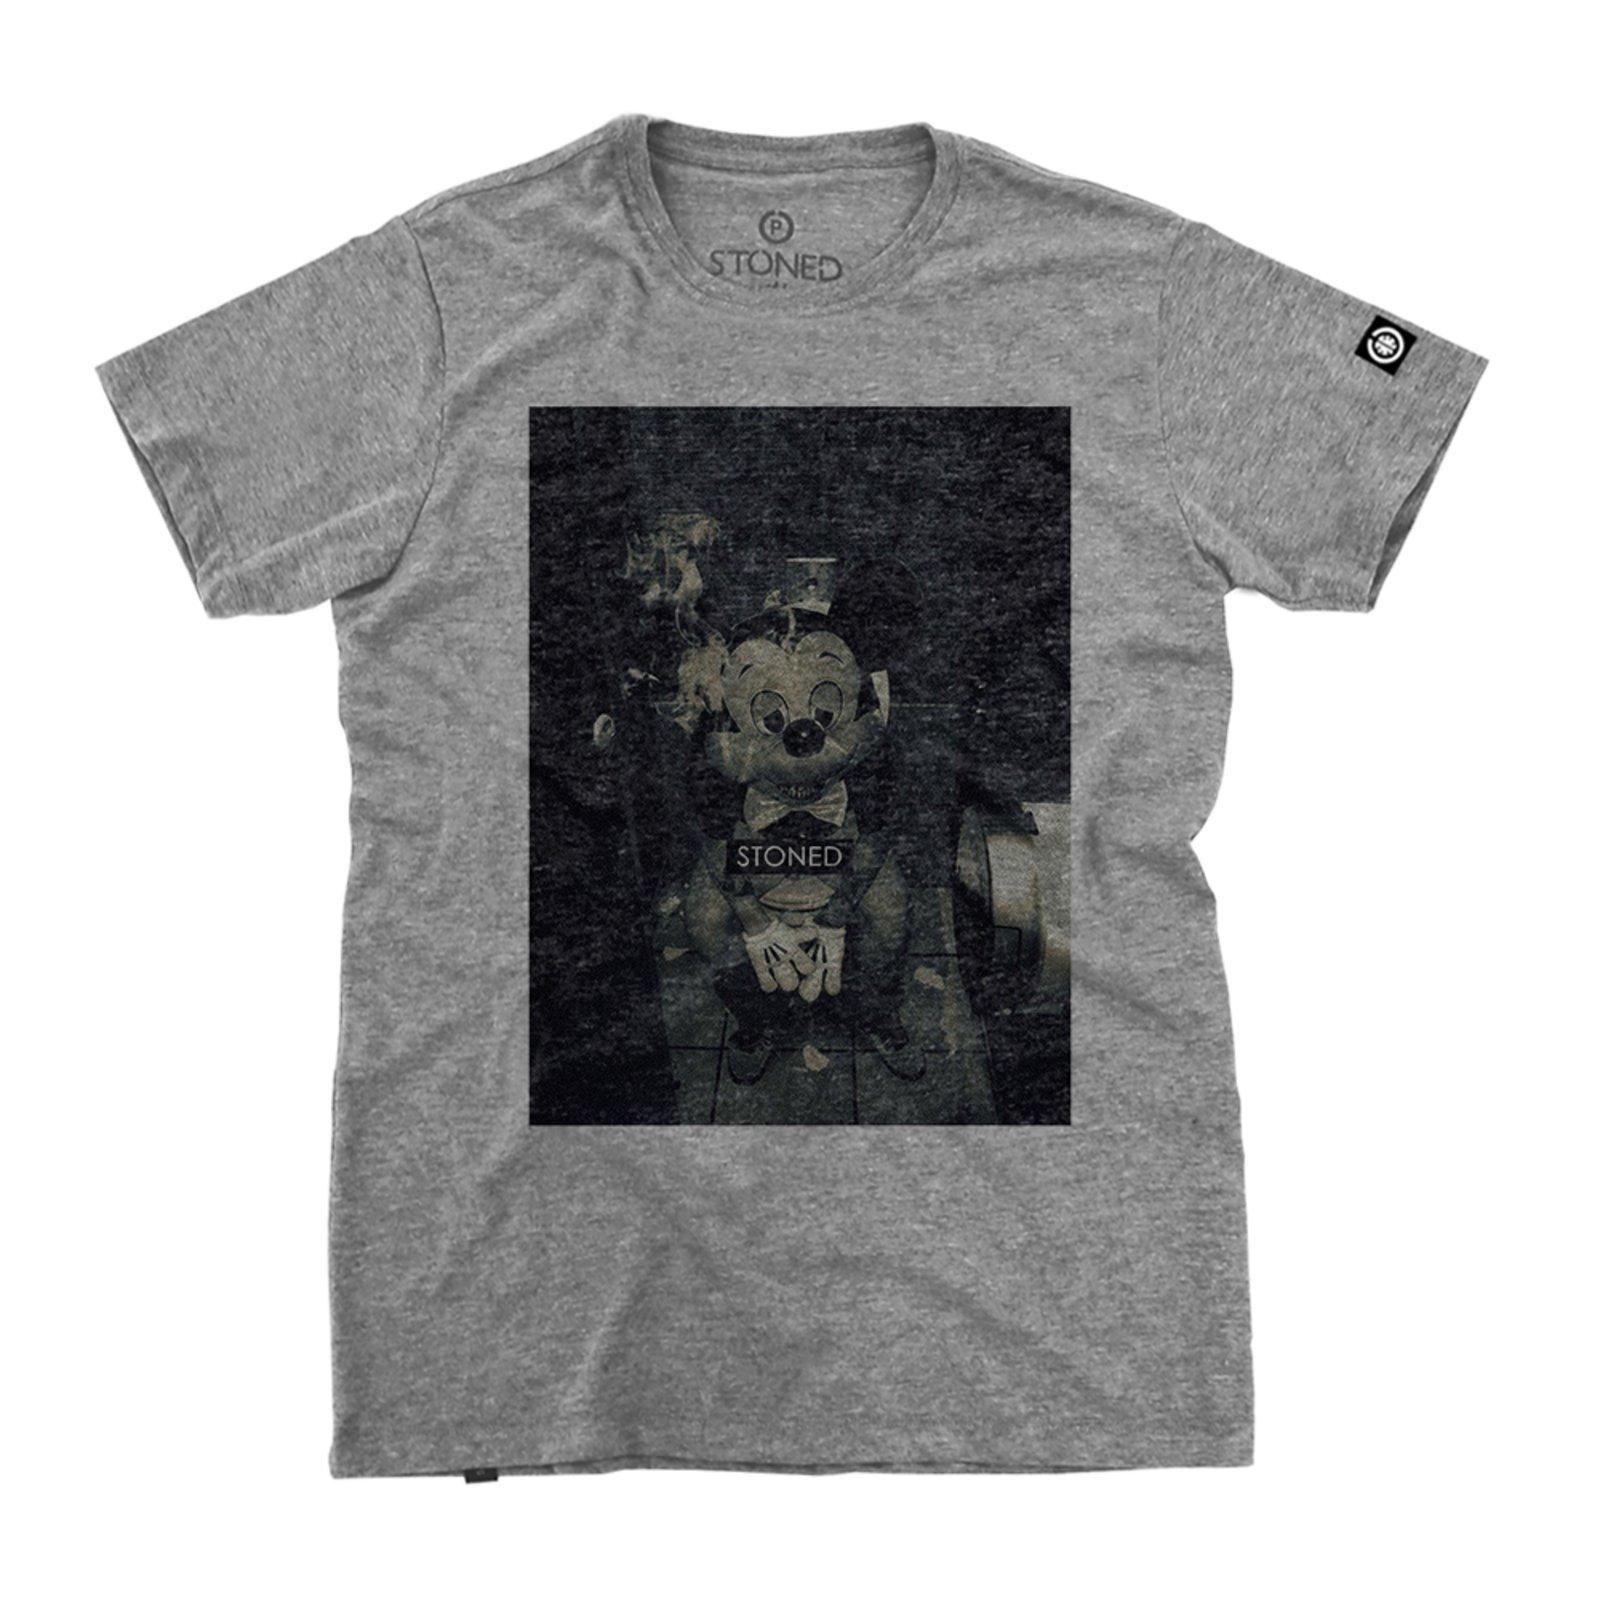 ea8683f90ad7d Camiseta Manga Curta Stoned Stoned Mickey Cinza - Compre Agora ...